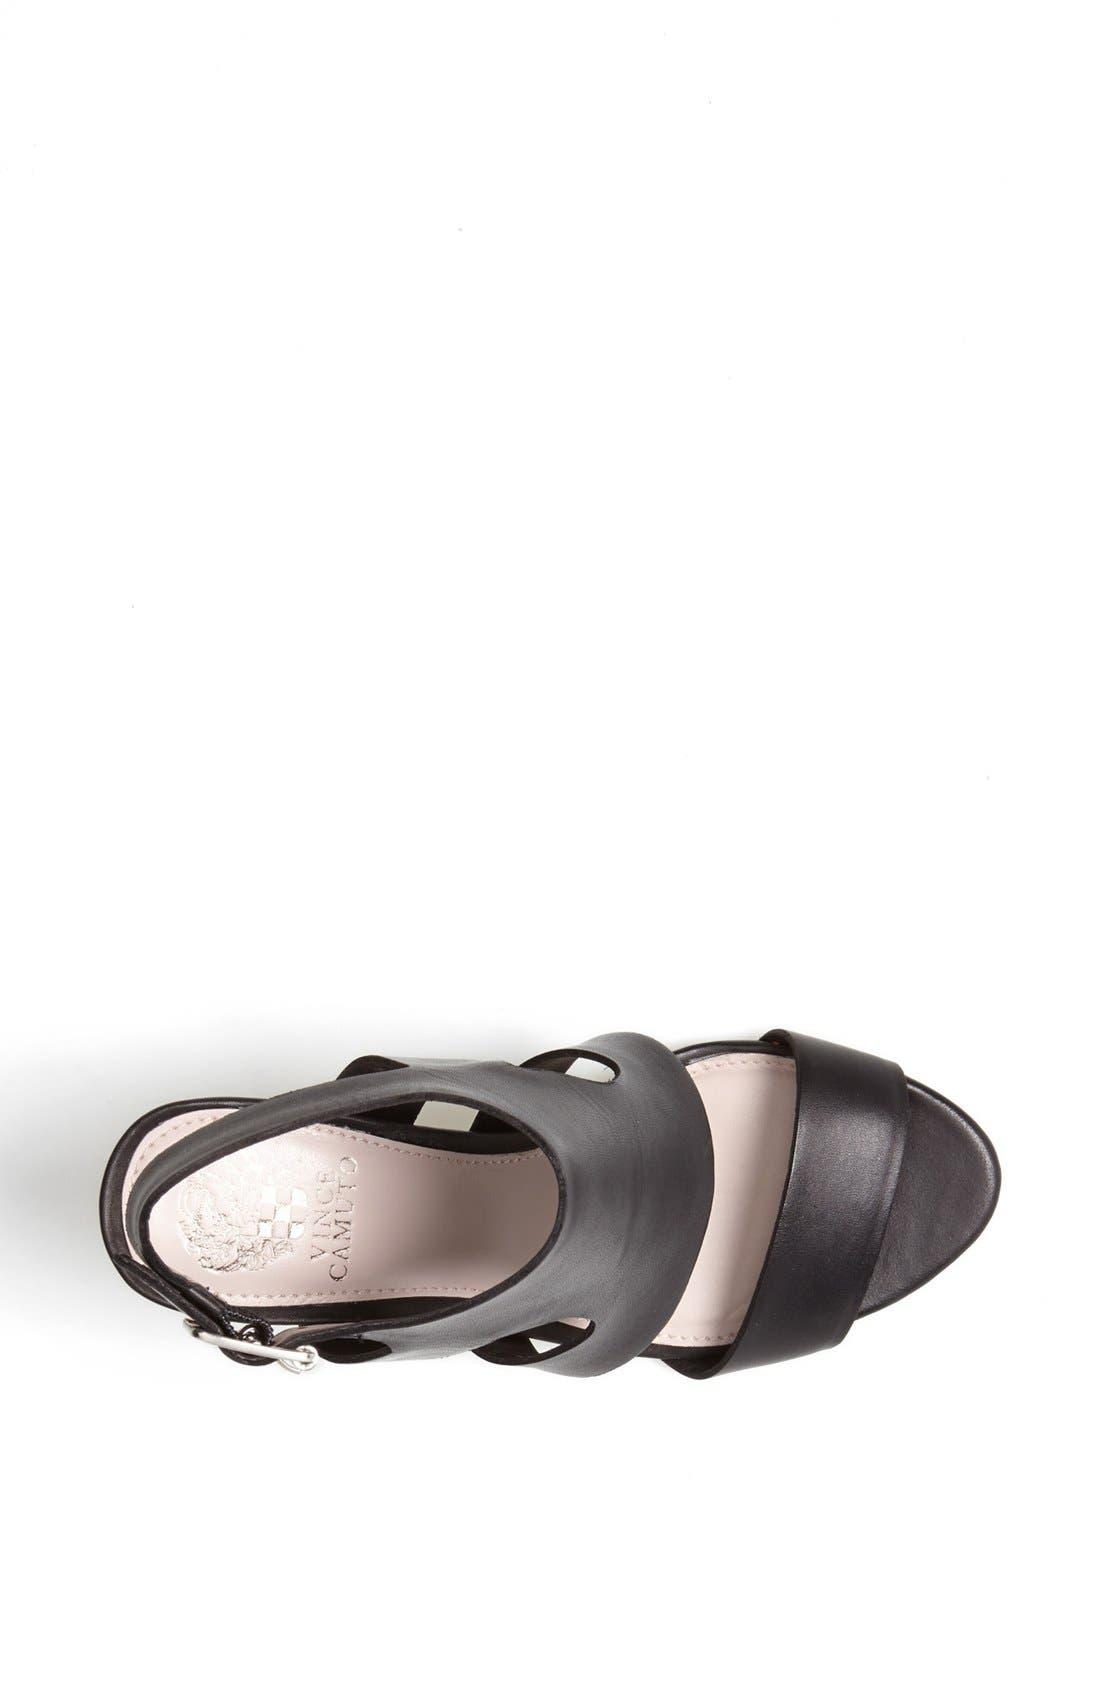 Alternate Image 3  - Vince Camuto 'Endell' Leather Sandal